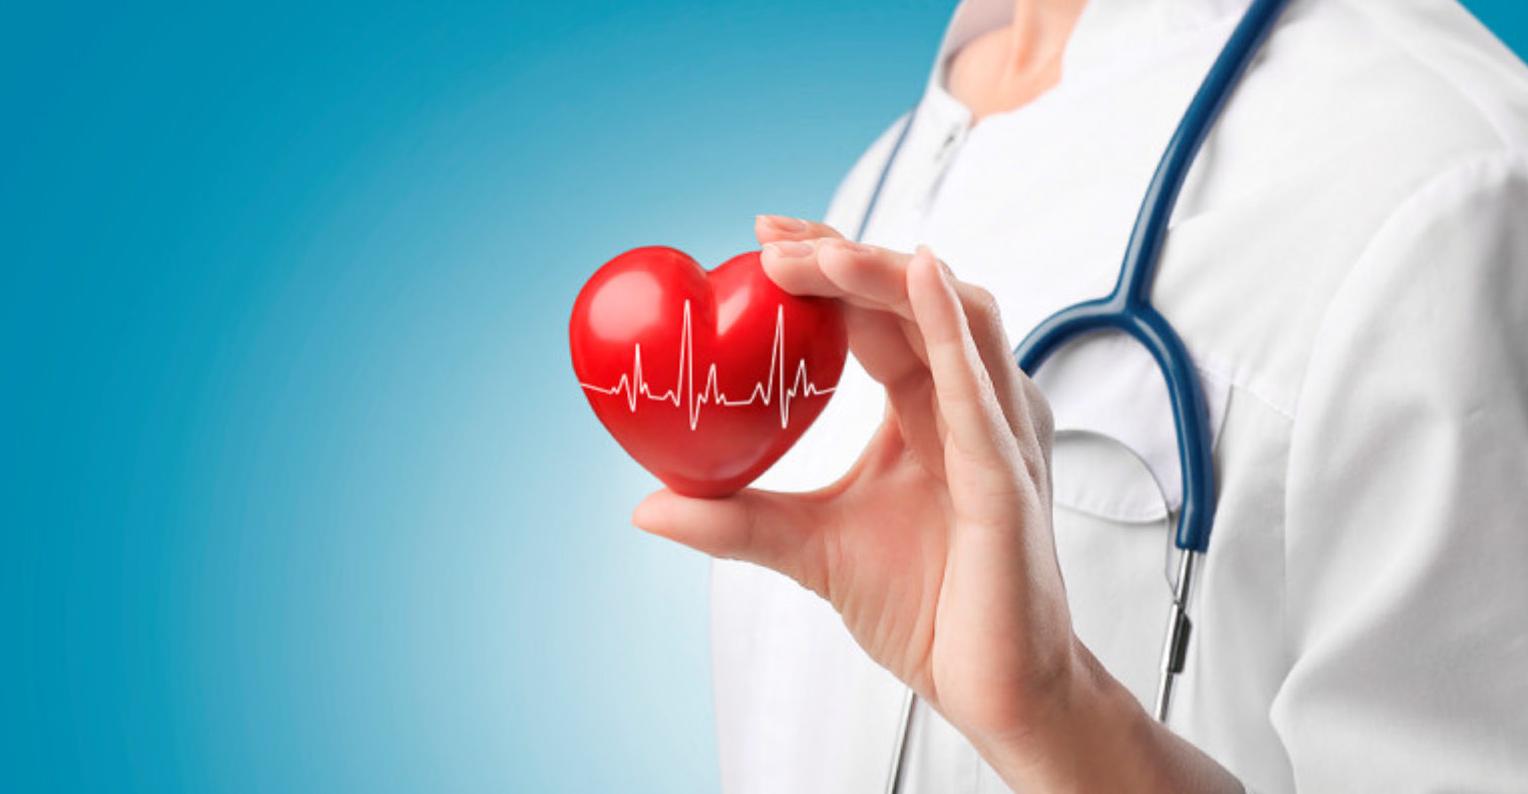 Nhà thuốc khuyên dùng sản phẩm hỗ trợ chuyên biệt cho người rối loạn nhịp tim - Ảnh 1